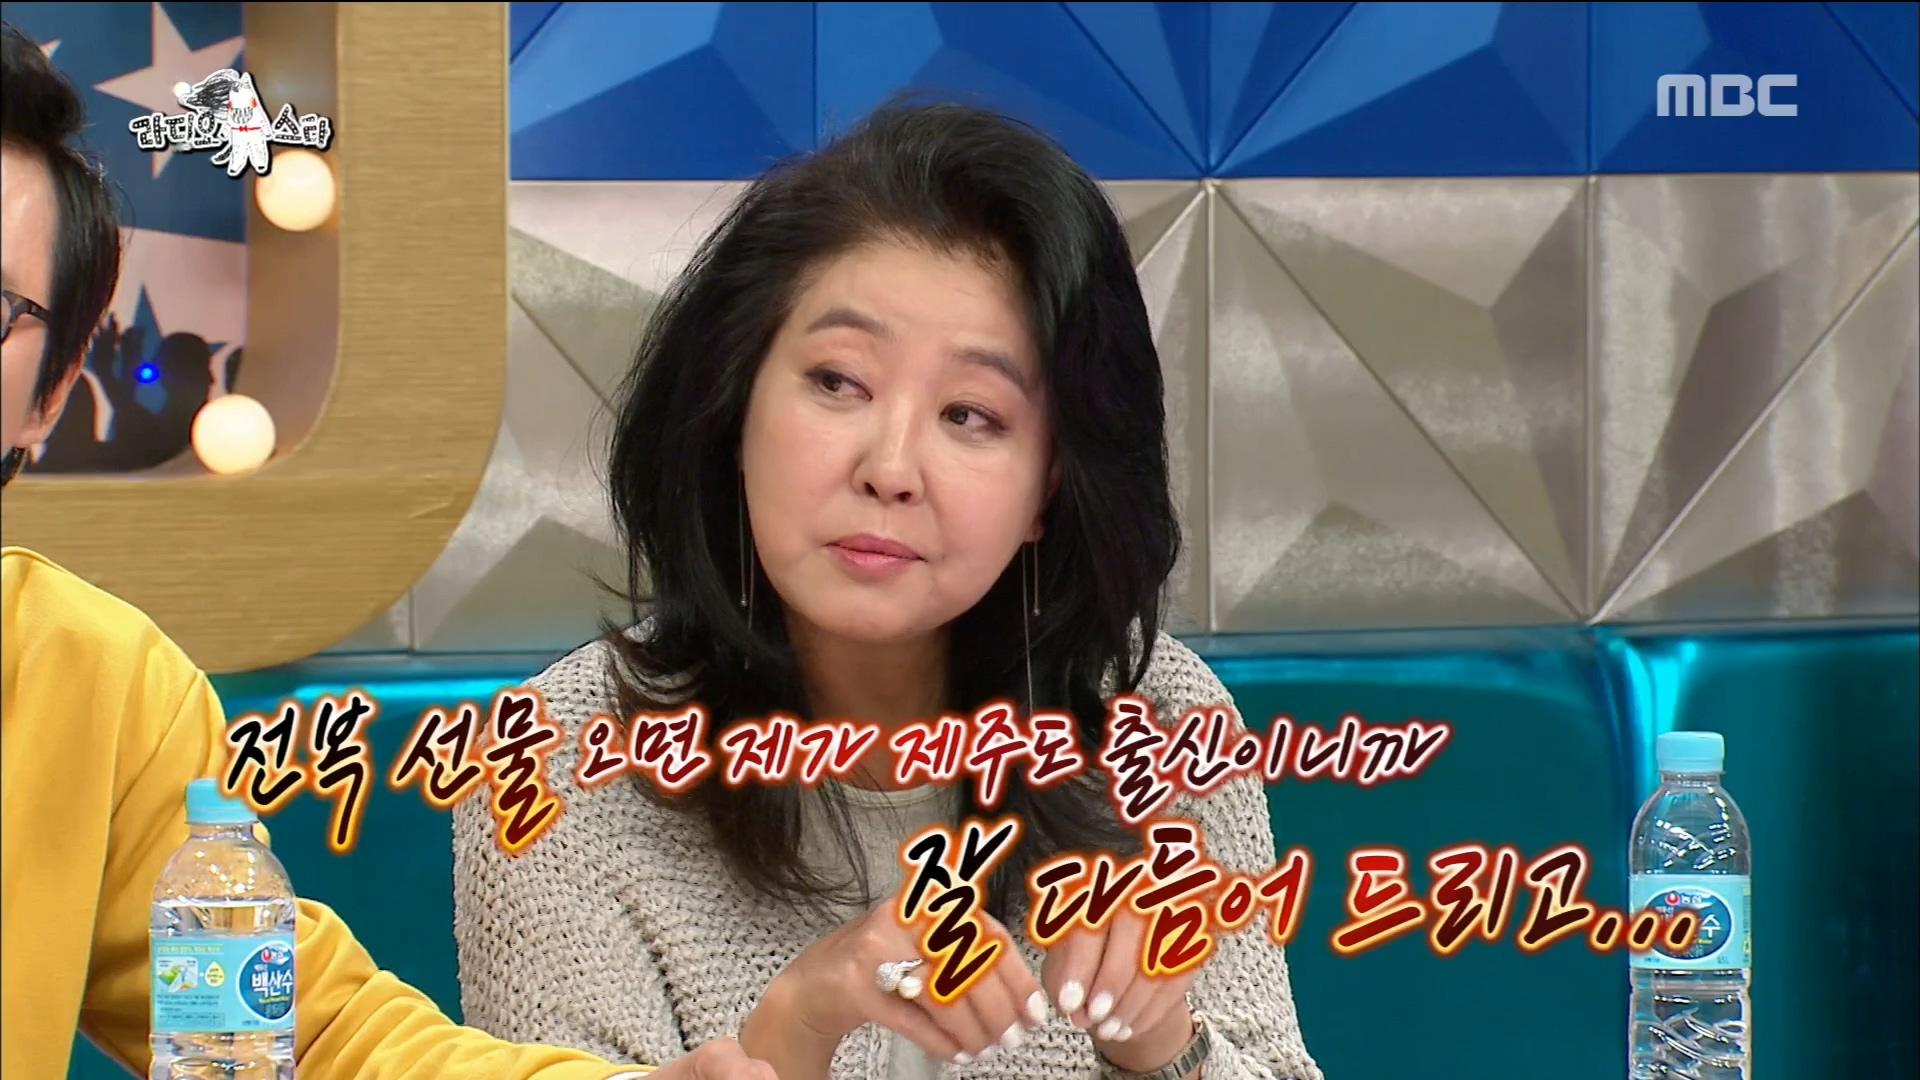 김부선, 김구라에게 설렘을 느끼다?!